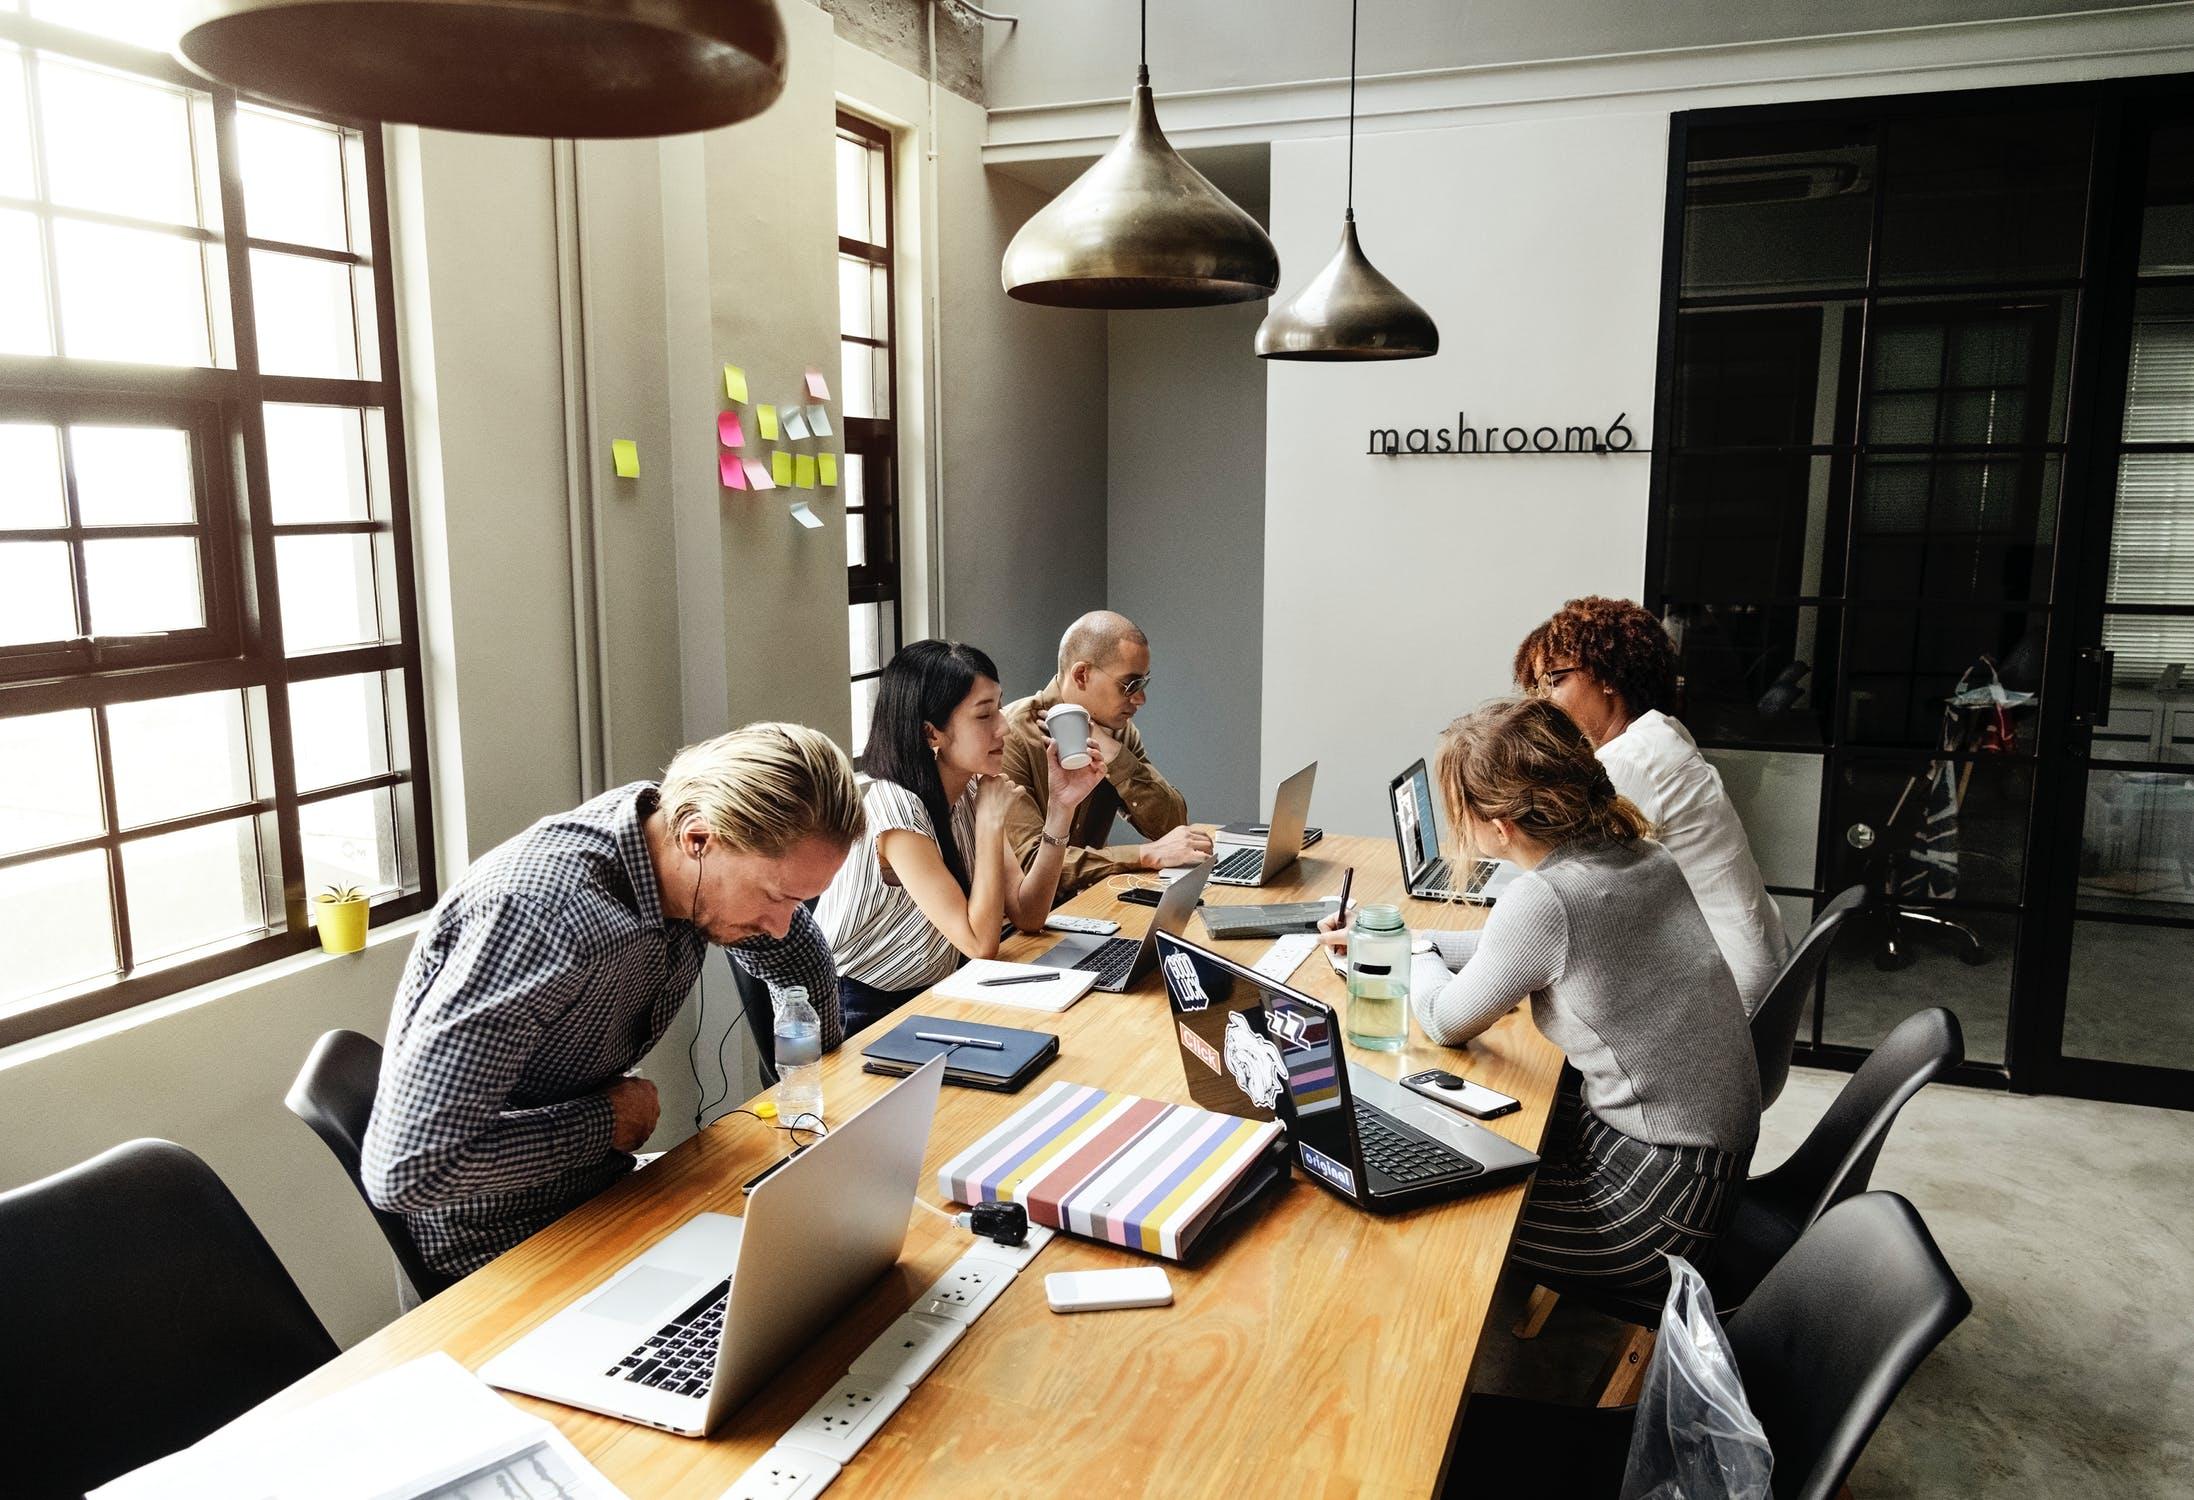 Comment orienter votre organisation vers le futur que vous souhaitez ?